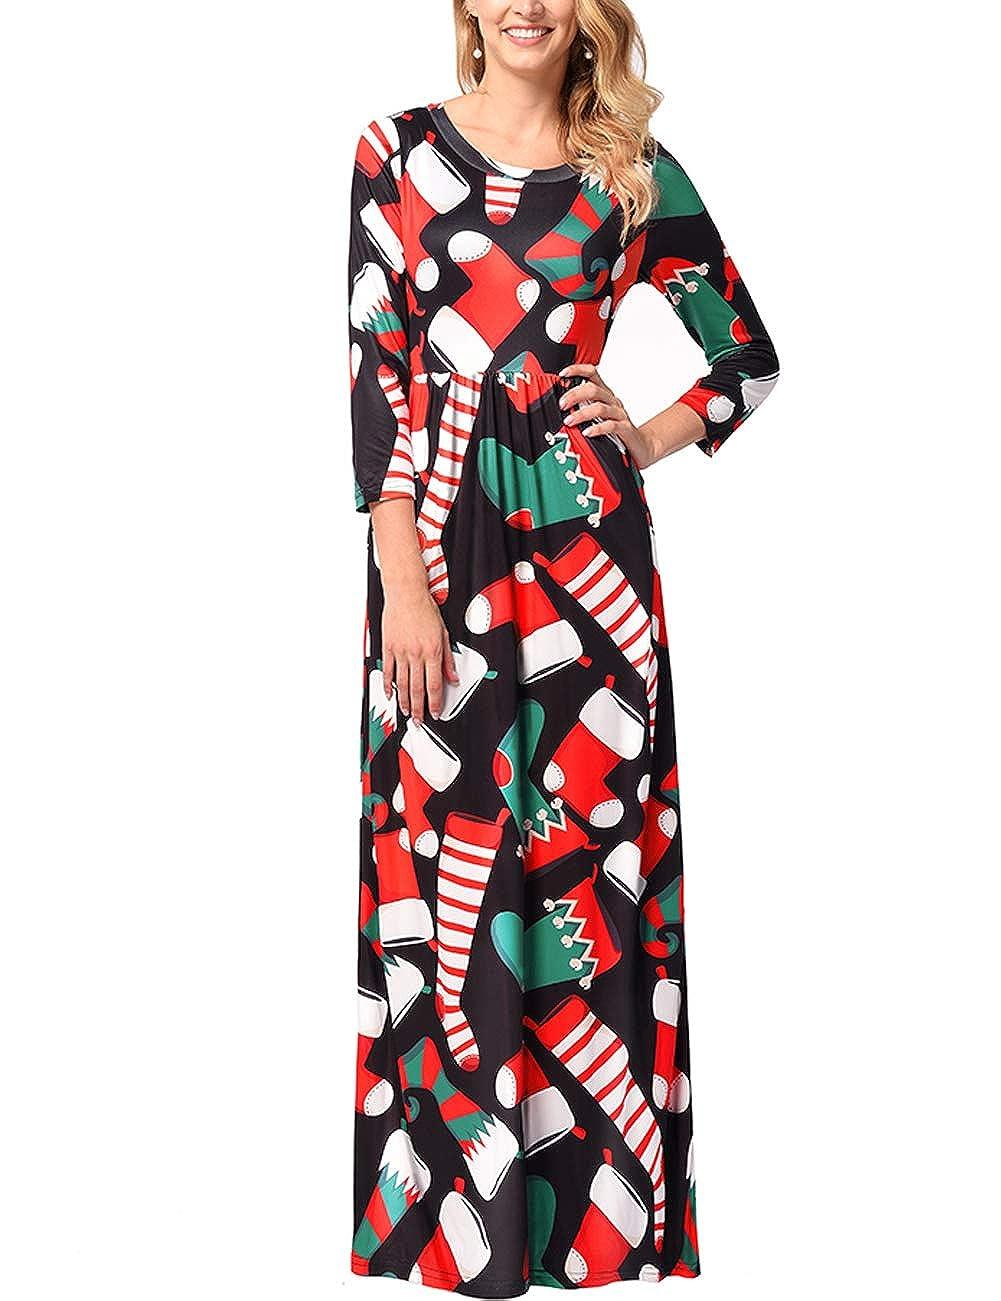 TALLA XL=ES 46-48. FeelinGirl Mujeres Vestido Largo Estampado Floral de Fiesta Navidad Falda Maxi de Manga Larga Nochebuena Multicolor-03 XL=ES 46-48